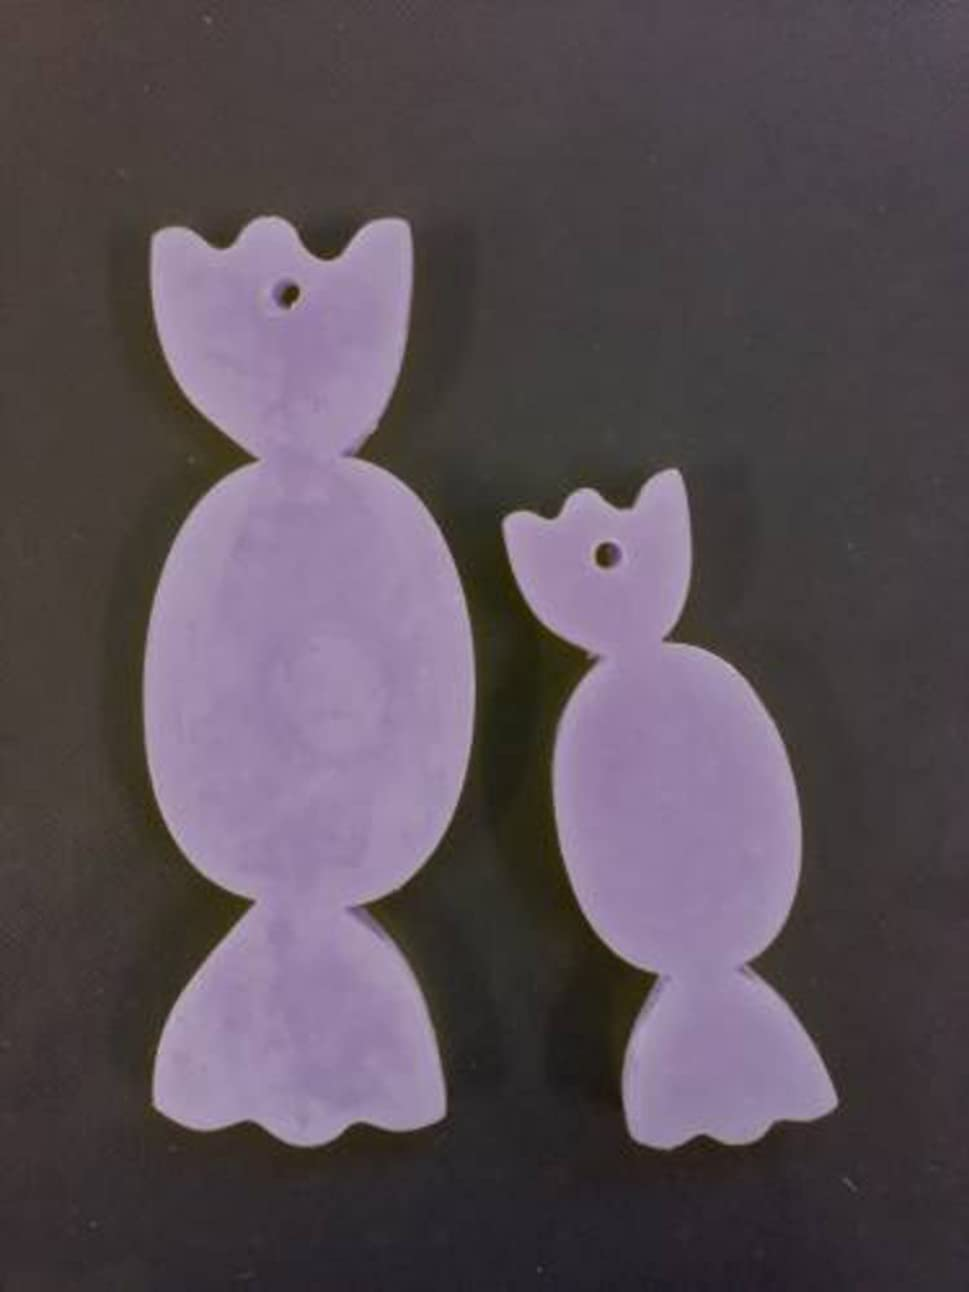 ペア雇用脱臼するGRASSE TOKYO AROMATICWAXチャーム「あめだま2個」(PU) ラベンダー アロマティックワックス グラーストウキョウ